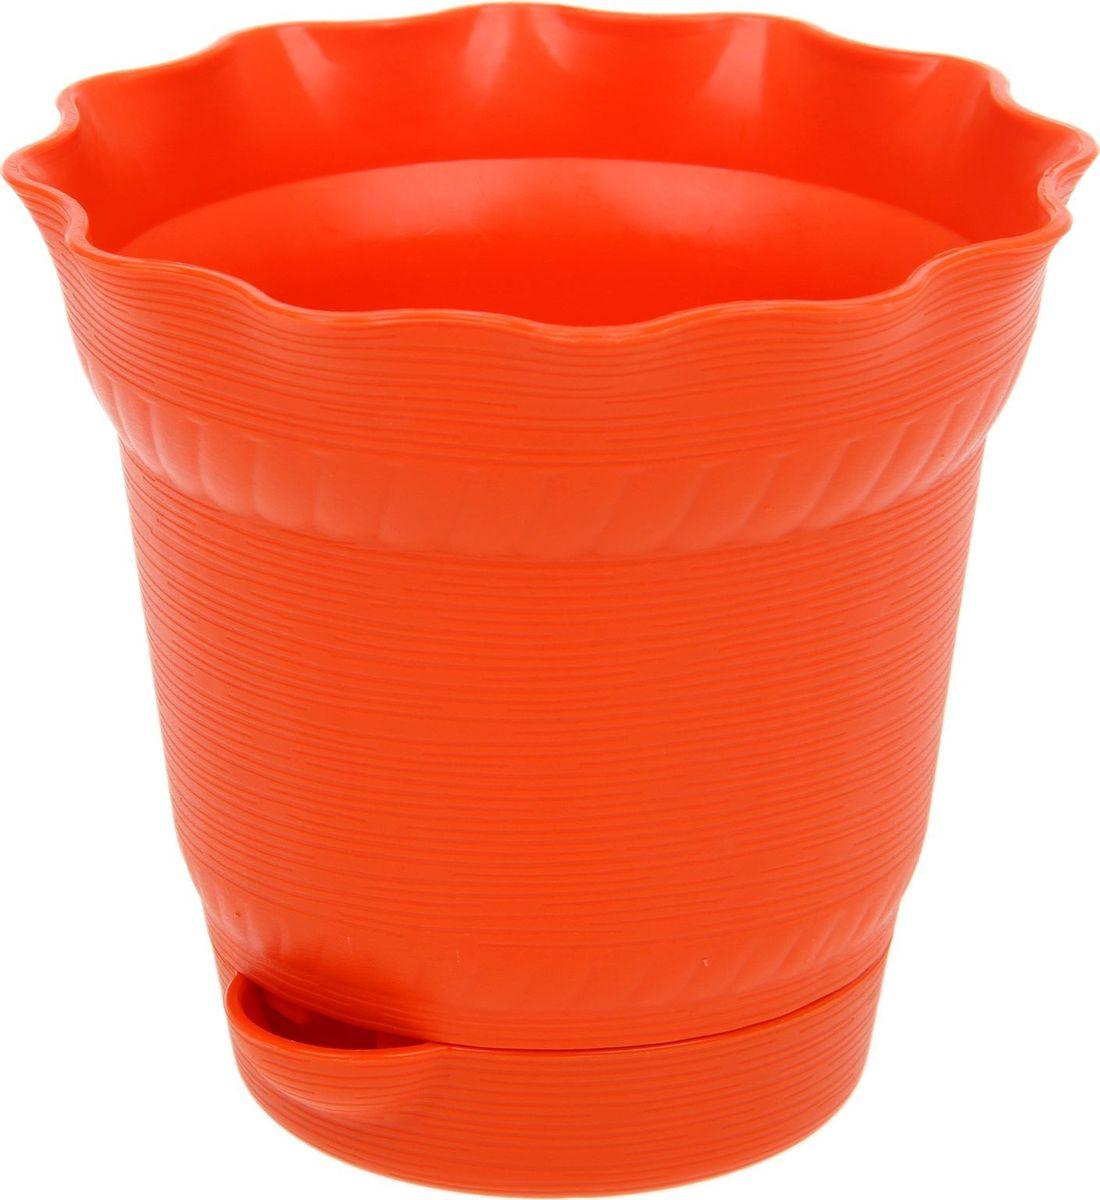 Горшок для цветов ТЕК.А.ТЕК Aquarelle, с поддоном, цвет: оранжевый, 1 л1411763Любой, даже самый современный и продуманный интерьер будет не завершённым без растений. Они не только очищают воздух и насыщают его кислородом, но и заметно украшают окружающее пространство. Такому полезному &laquo члену семьи&raquoпросто необходимо красивое и функциональное кашпо, оригинальный горшок или необычная ваза! Мы предлагаем - Горшок для цветов 1 л с поддоном Aquarelle, d=14 см, цвет оранжевый!Оптимальный выбор материала &mdash &nbsp пластмасса! Почему мы так считаем? Малый вес. С лёгкостью переносите горшки и кашпо с места на место, ставьте их на столики или полки, подвешивайте под потолок, не беспокоясь о нагрузке. Простота ухода. Пластиковые изделия не нуждаются в специальных условиях хранения. Их&nbsp легко чистить &mdashдостаточно просто сполоснуть тёплой водой. Никаких царапин. Пластиковые кашпо не царапают и не загрязняют поверхности, на которых стоят. Пластик дольше хранит влагу, а значит &mdashрастение реже нуждается в поливе. Пластмасса не пропускает воздух &mdashкорневой системе растения не грозят резкие перепады температур. Огромный выбор форм, декора и расцветок &mdashвы без труда подберёте что-то, что идеально впишется в уже существующий интерьер.Соблюдая нехитрые правила ухода, вы можете заметно продлить срок службы горшков, вазонов и кашпо из пластика: всегда учитывайте размер кроны и корневой системы растения (при разрастании большое растение способно повредить маленький горшок)берегите изделие от воздействия прямых солнечных лучей, чтобы кашпо и горшки не выцветалидержите кашпо и горшки из пластика подальше от нагревающихся поверхностей.Создавайте прекрасные цветочные композиции, выращивайте рассаду или необычные растения, а низкие цены позволят вам не ограничивать себя в выборе.